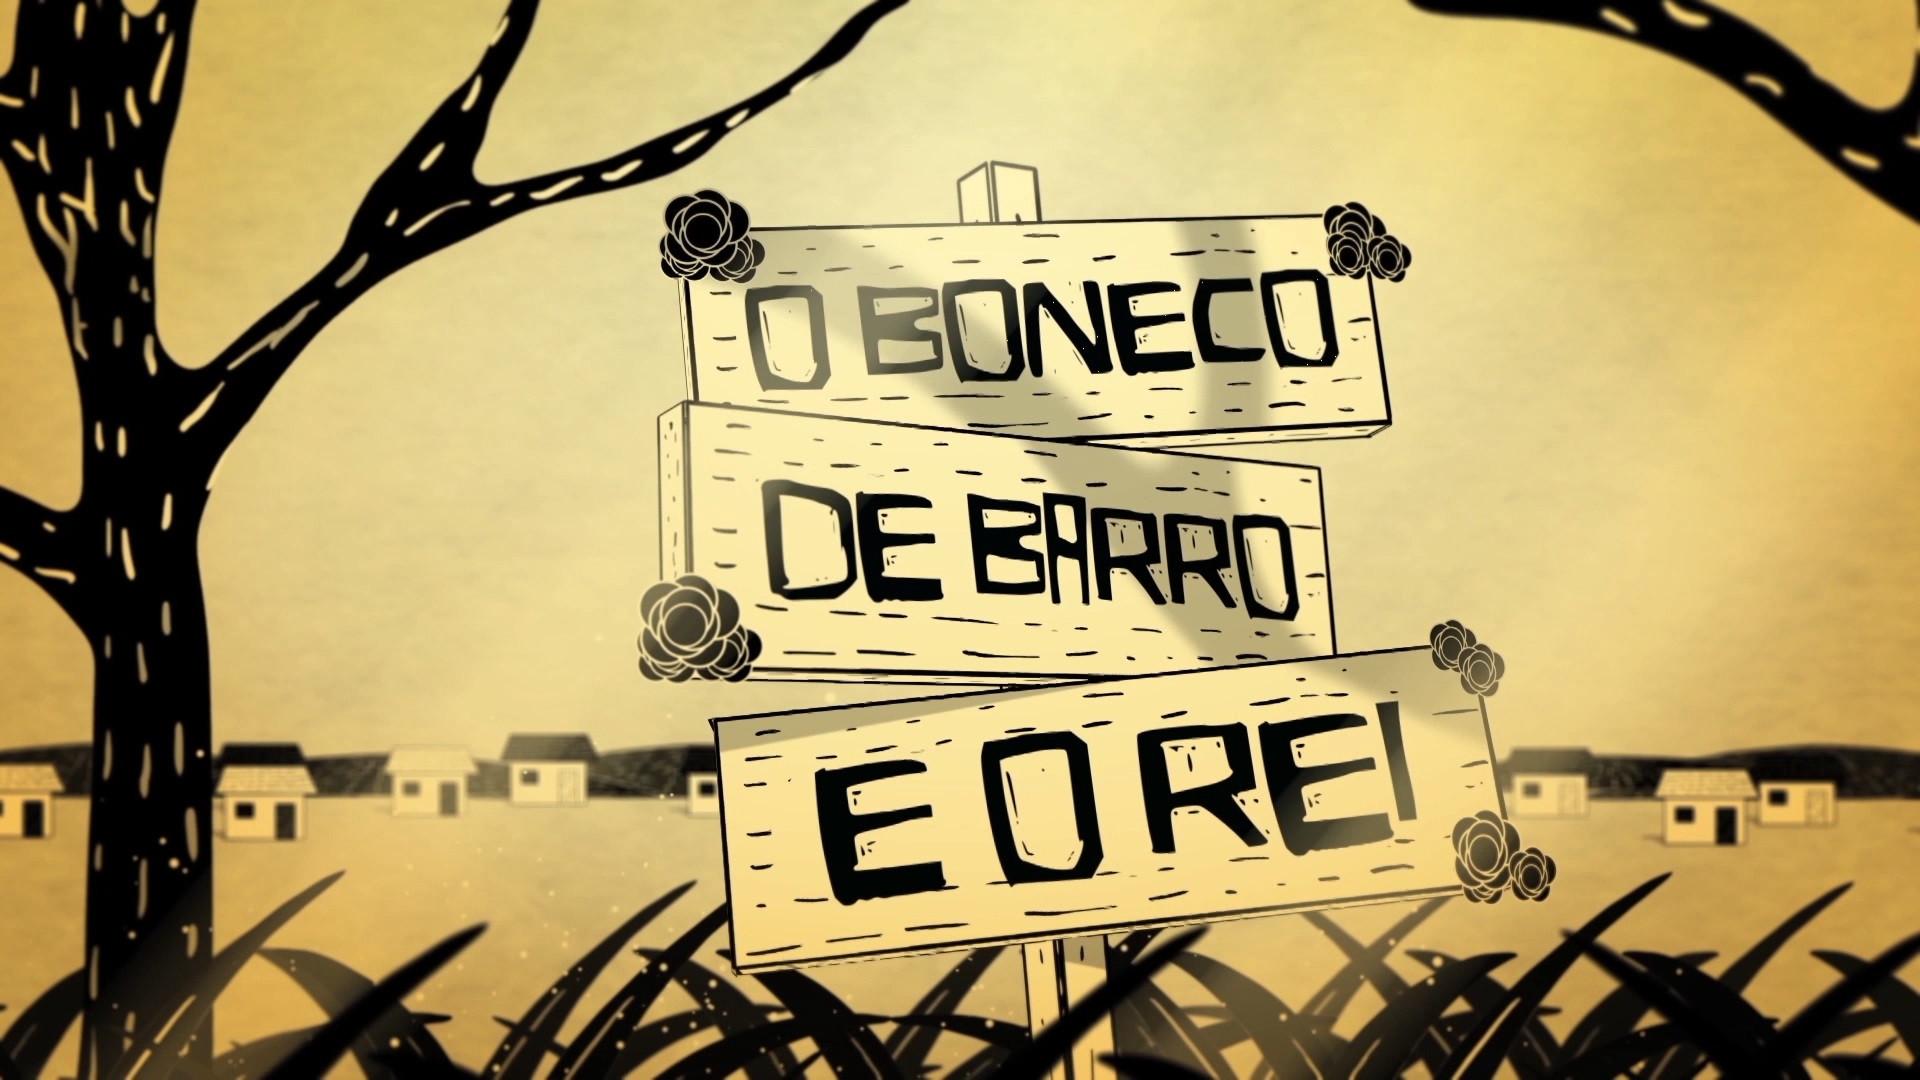 """""""O Boneco de Barro e o Rei"""" tem roteiro e direção assinado por Nival Correia"""